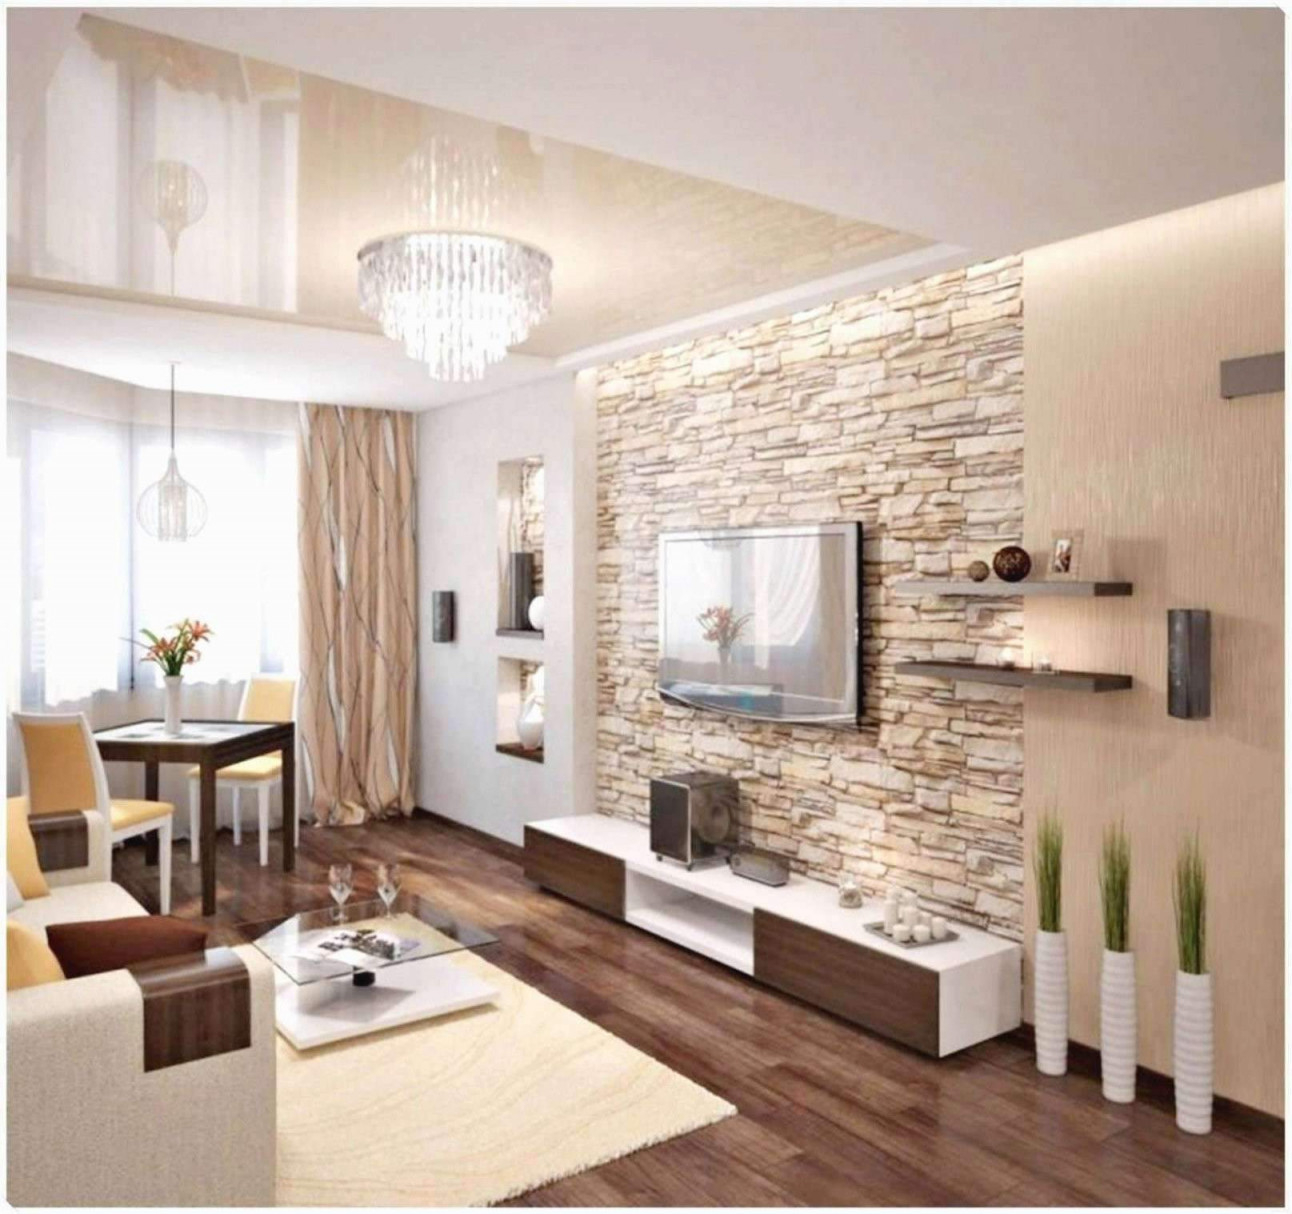 Wohnzimmer Mediterran Das Beste Von 31 Neu Wohnzimmer von Mediterranes Wohnzimmer Gestalten Bild